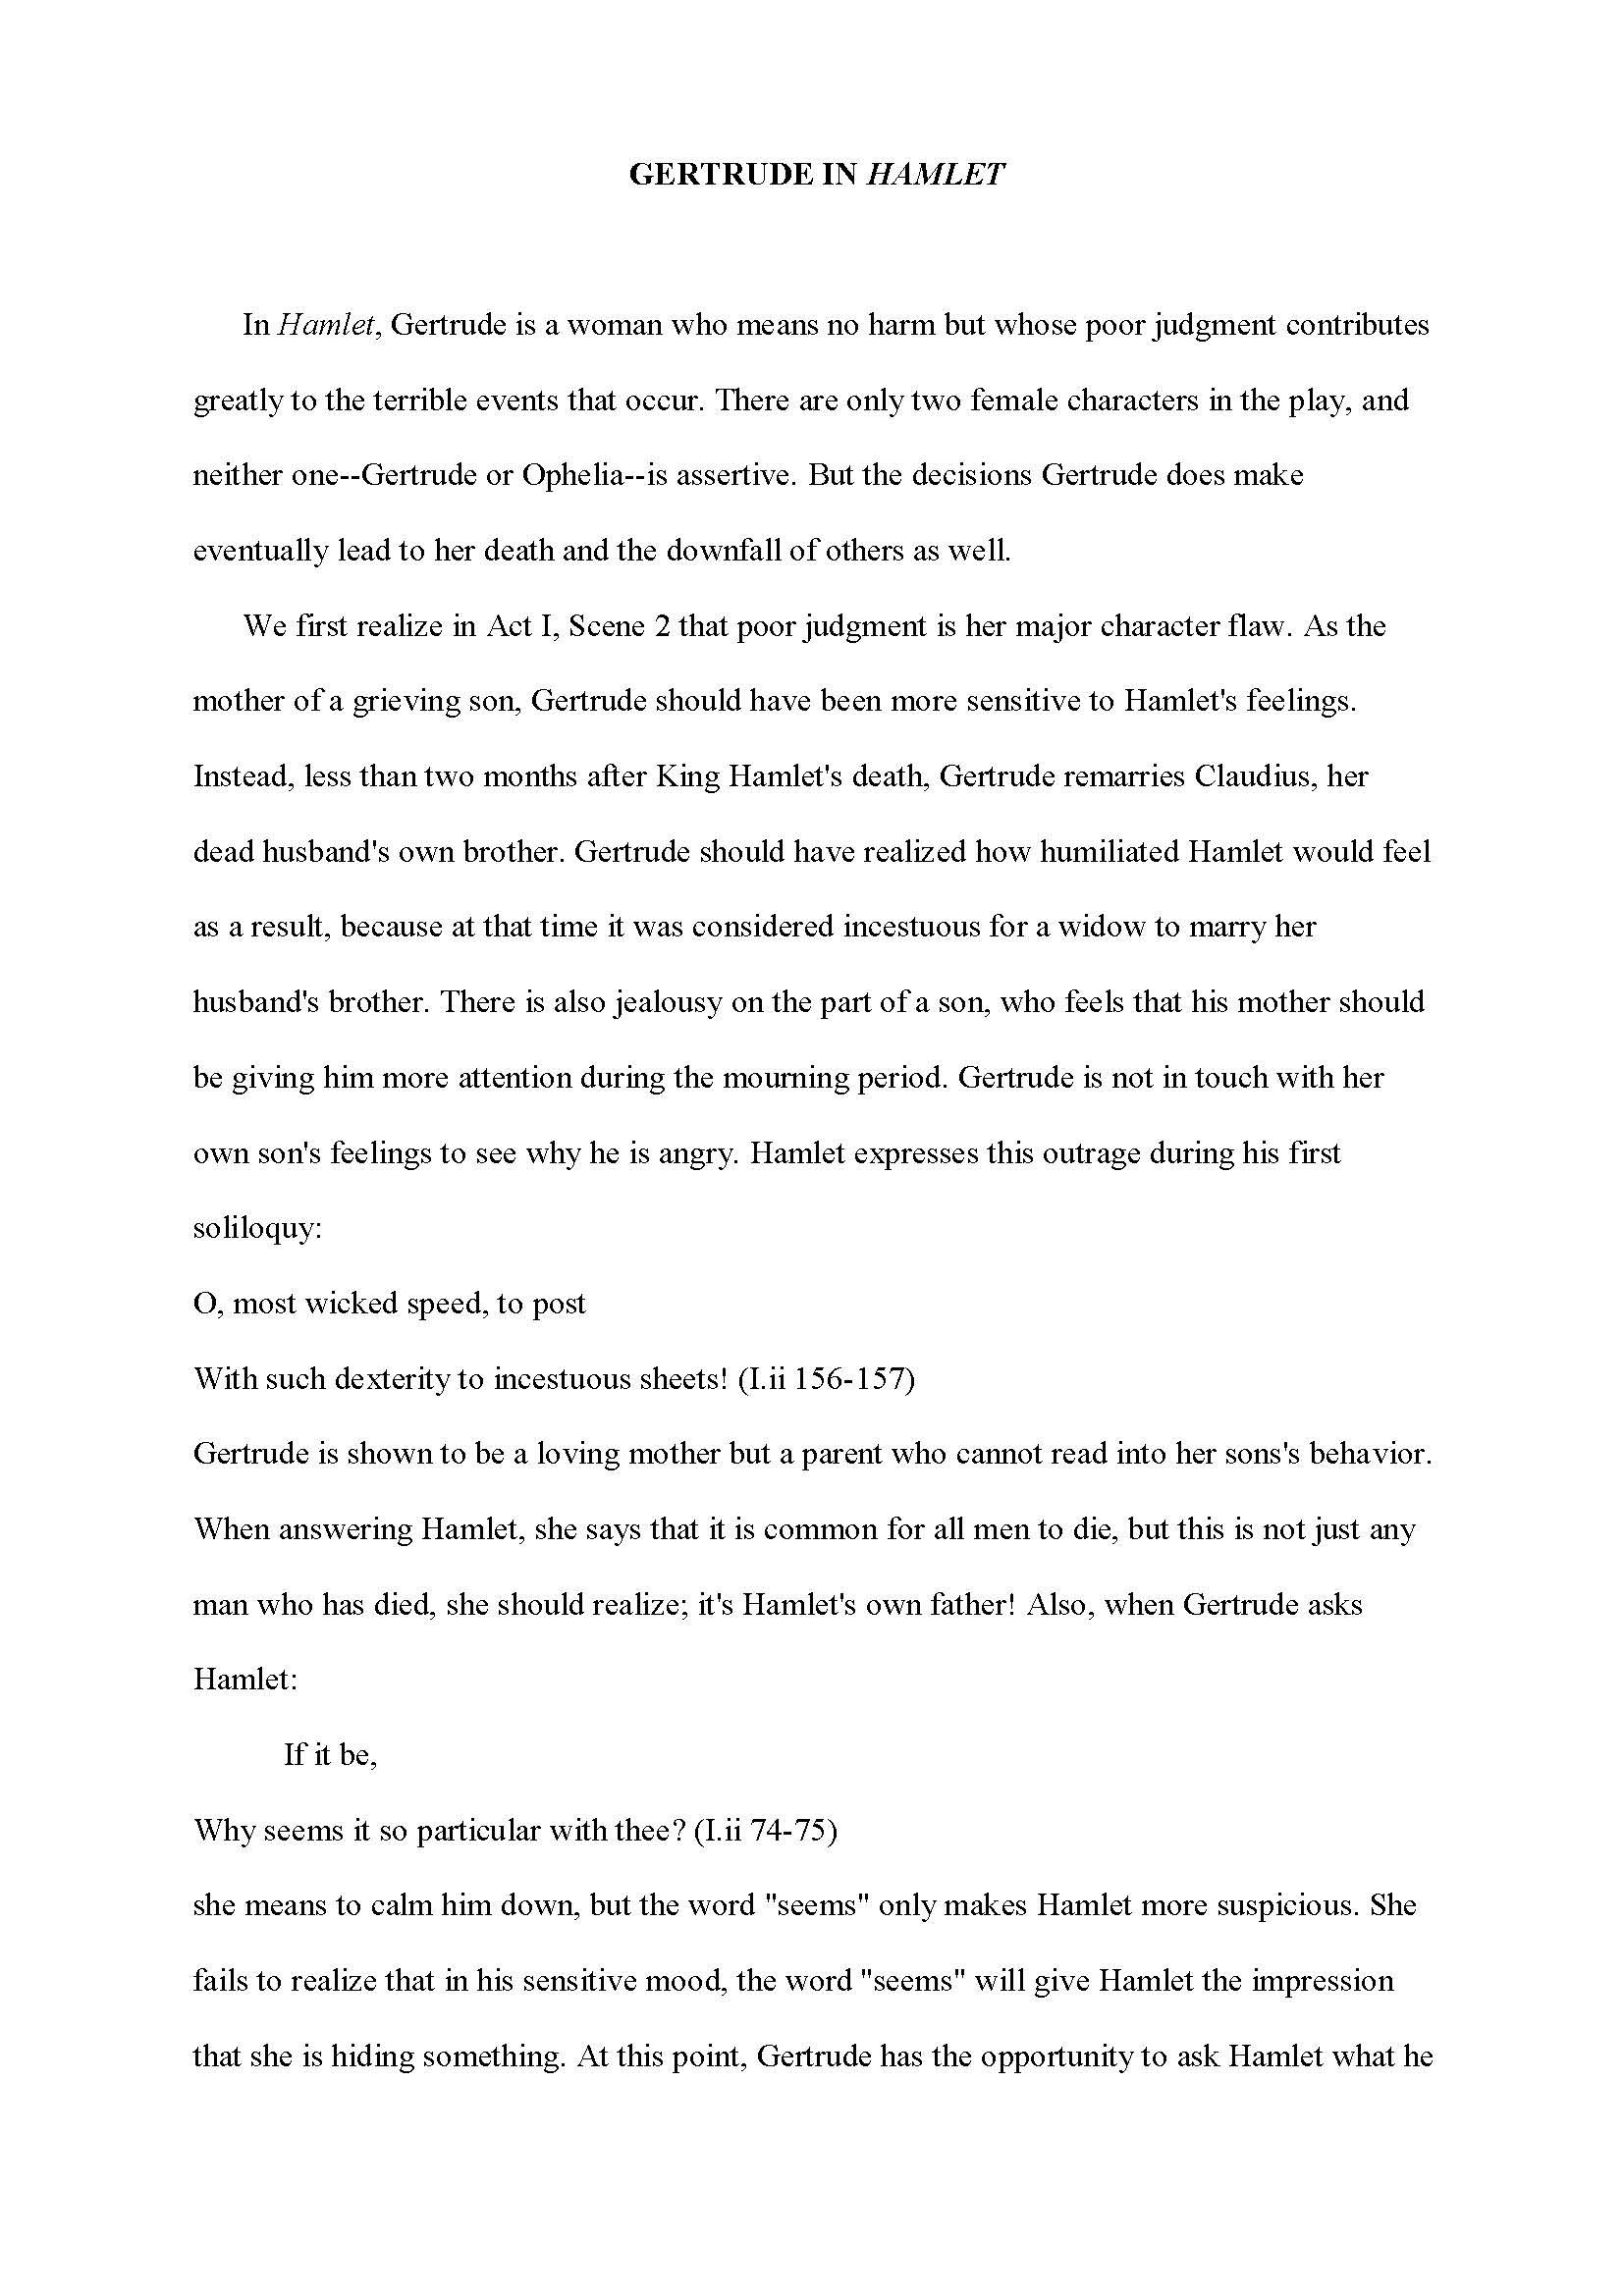 020 Sample Gre Essays Essay Example Unique Topics Practice Prompts Argument Full